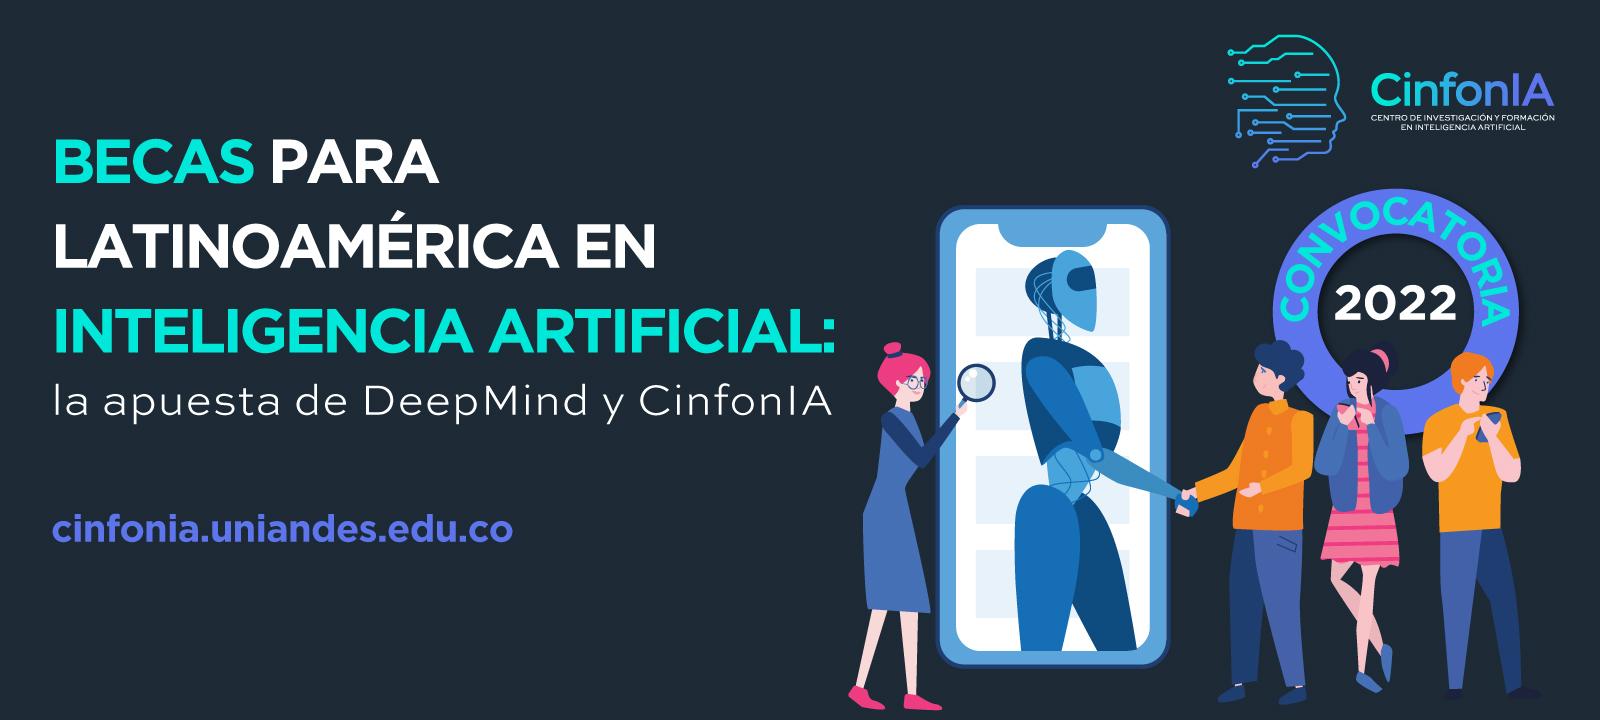 Convocatoria para becas en estudios en Inteligencia Artificial de CinfonIA y DeepMind